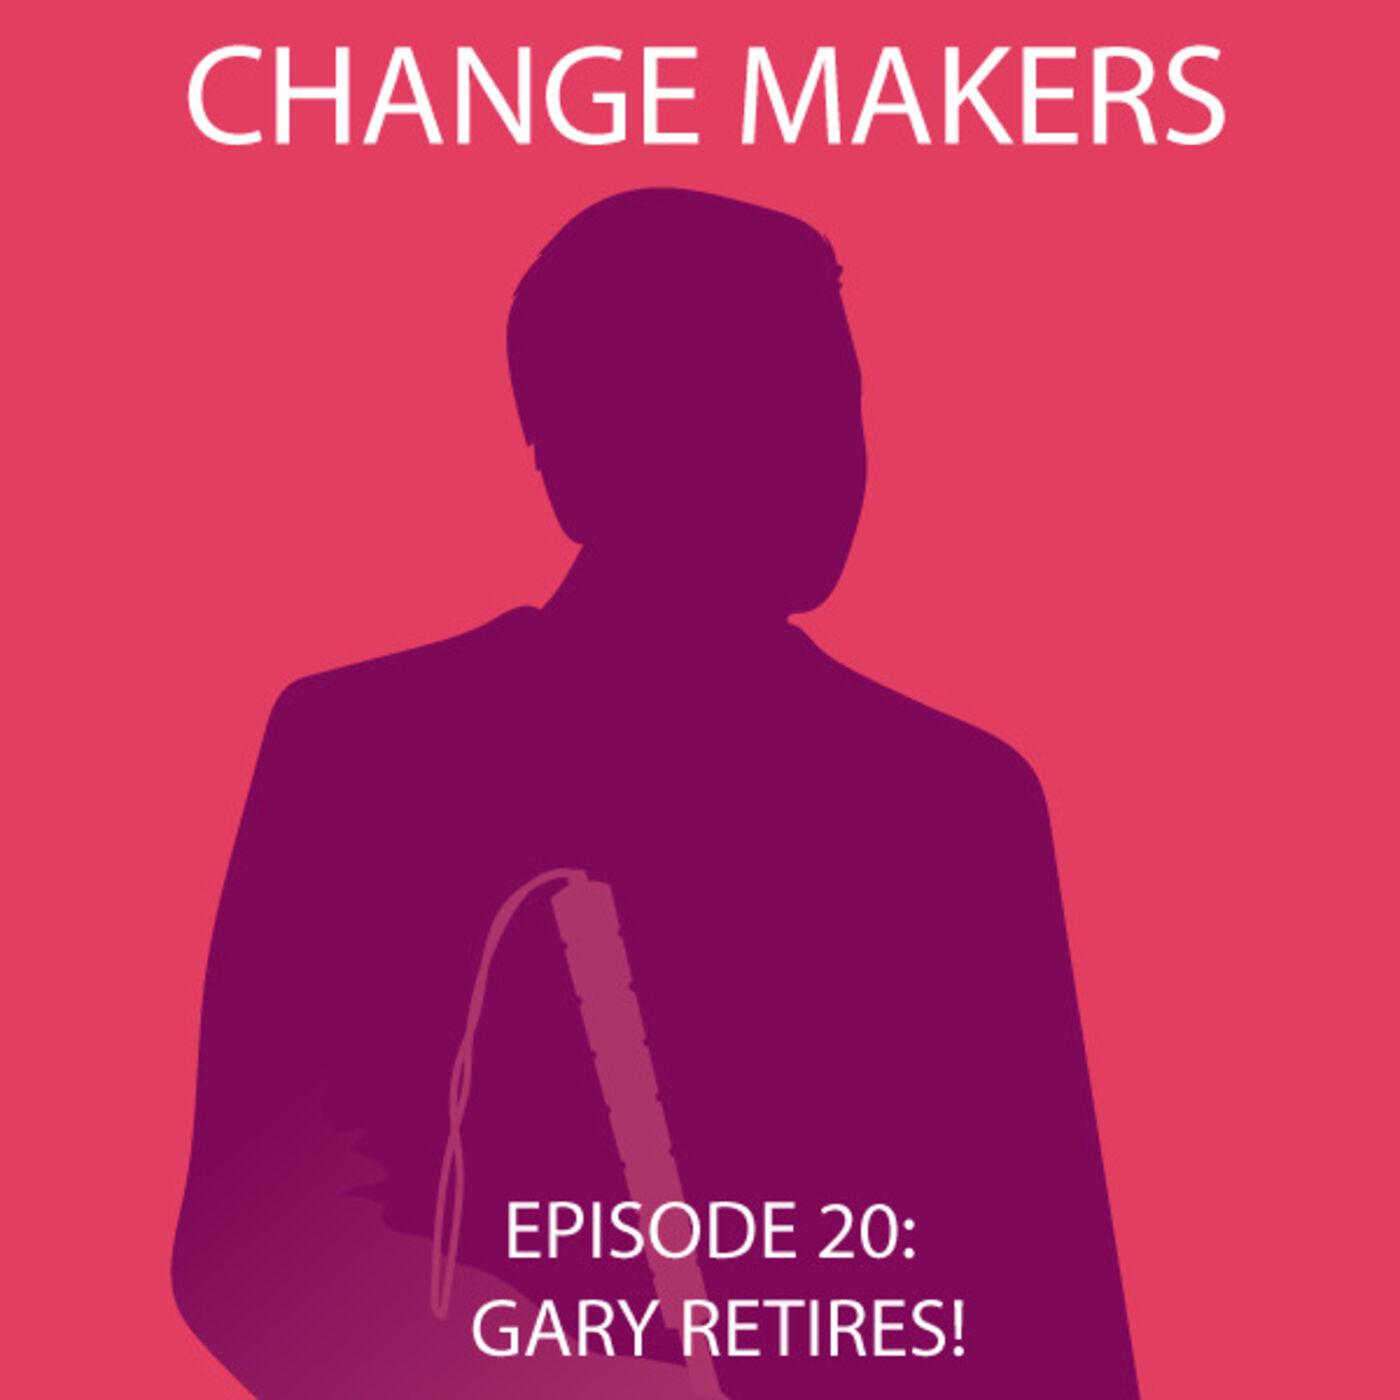 Gary Retires!